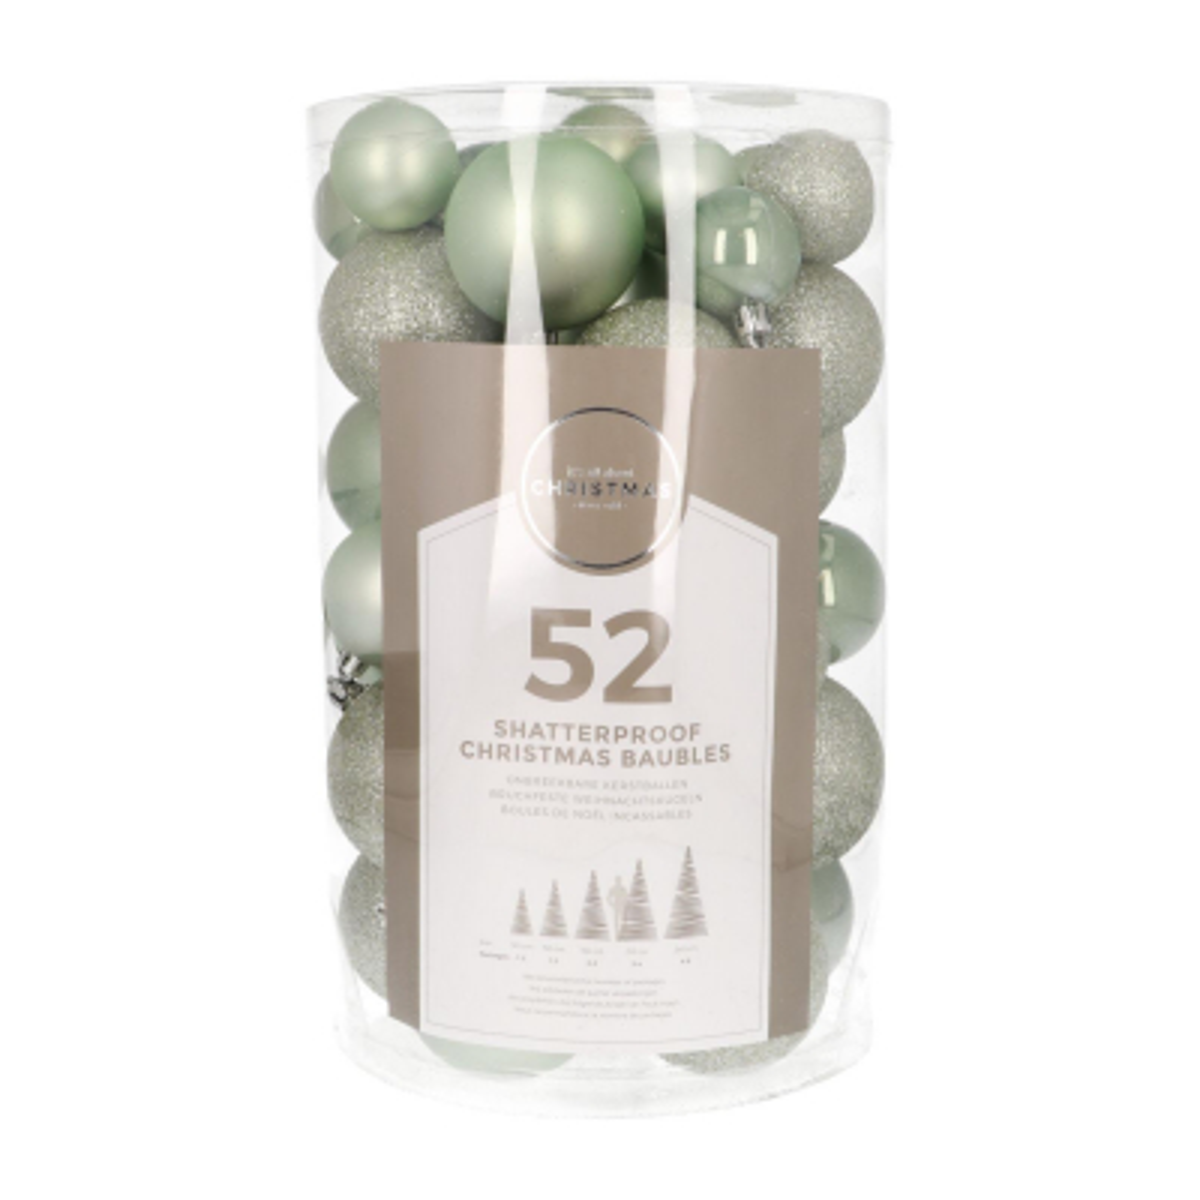 52 kunststof kerstballen eucalyptus in koker 4-7 cm